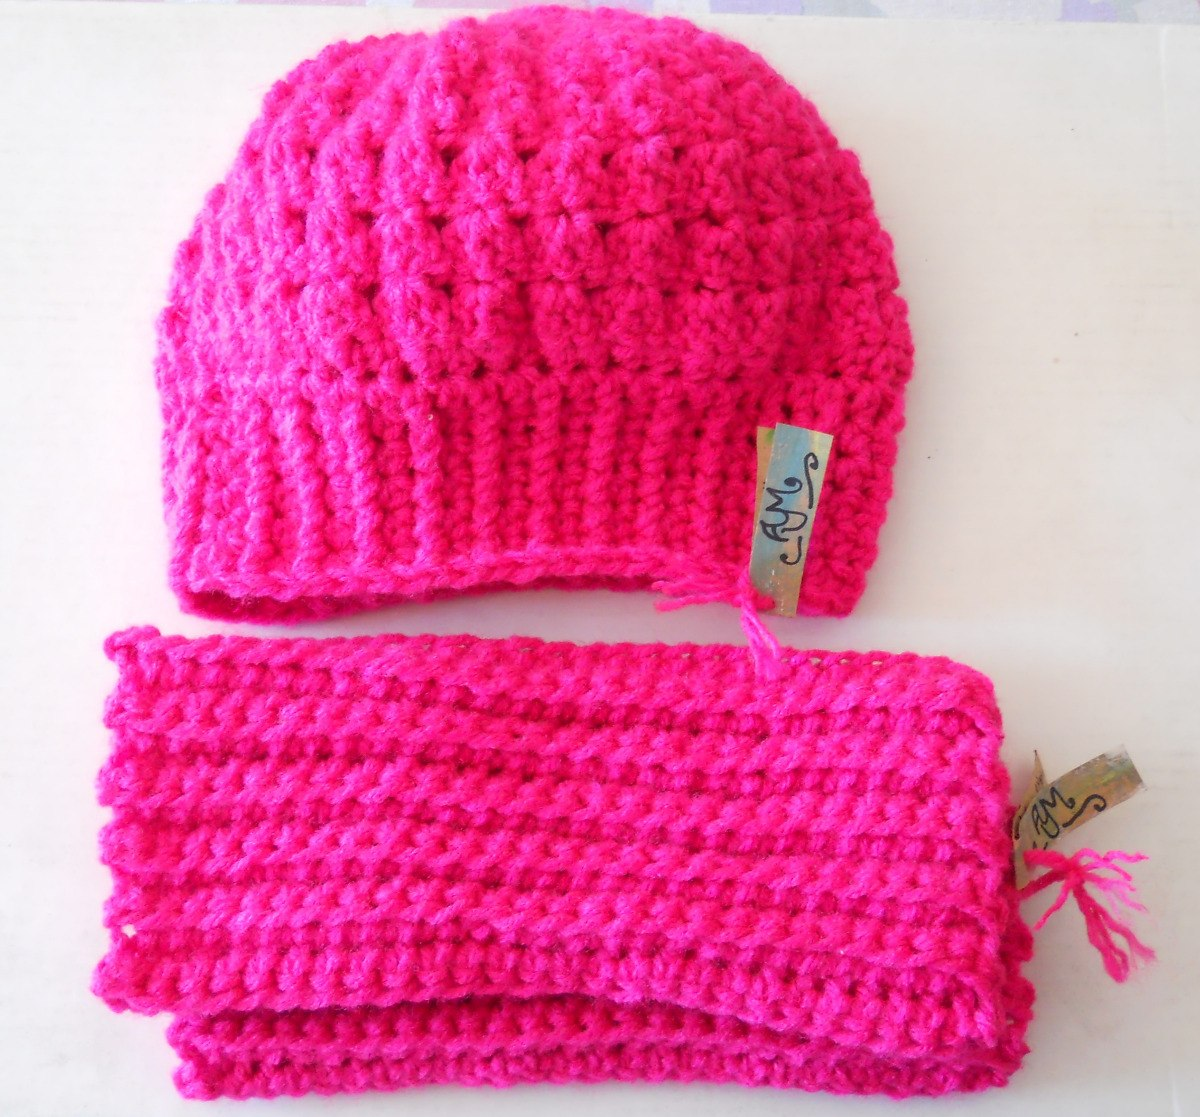 Gorro + Polainas Al Crochet Niña. - $ 360,00 en Mercado Libre